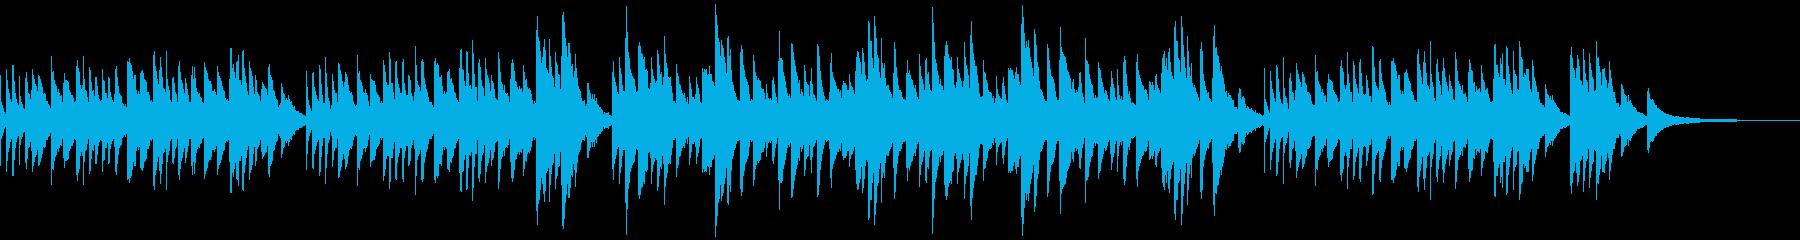 静かな時間を感じるピアノバラードの再生済みの波形